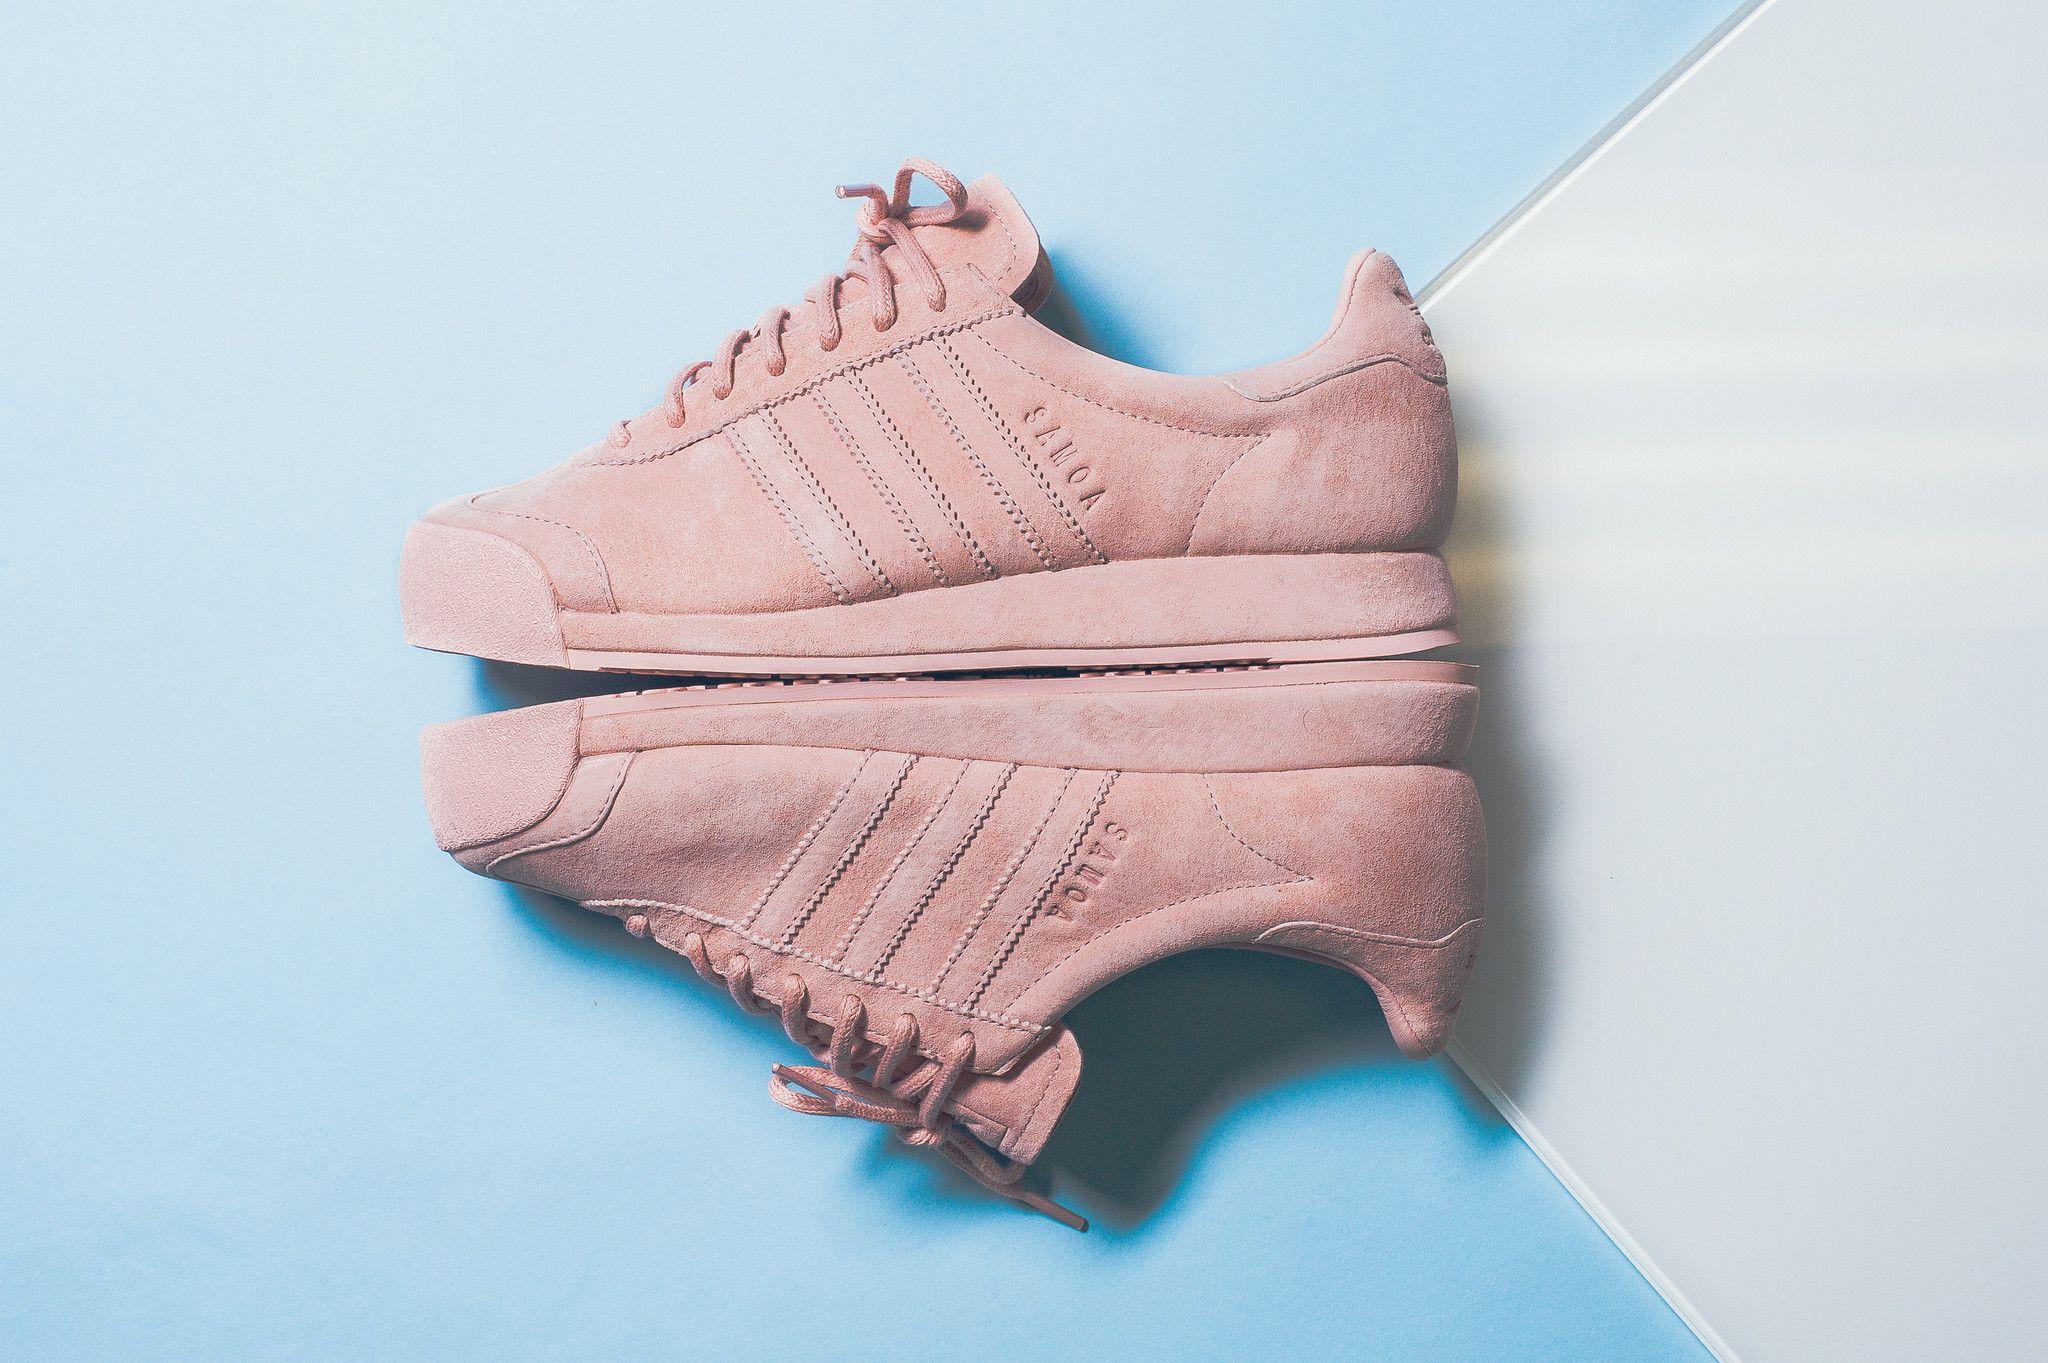 adidas samoa femme rose